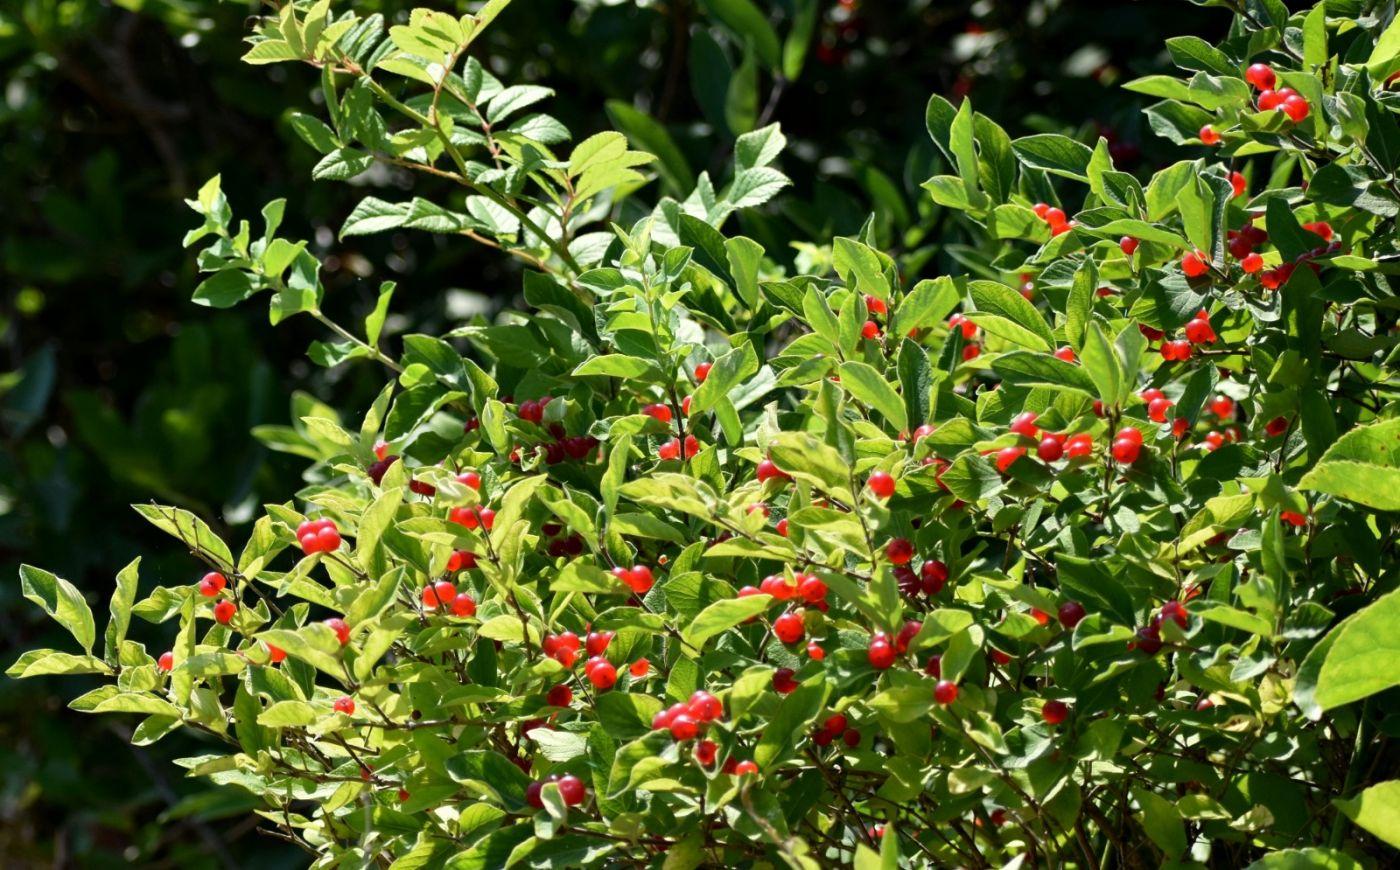 夏天开在树上的红果果_图1-22